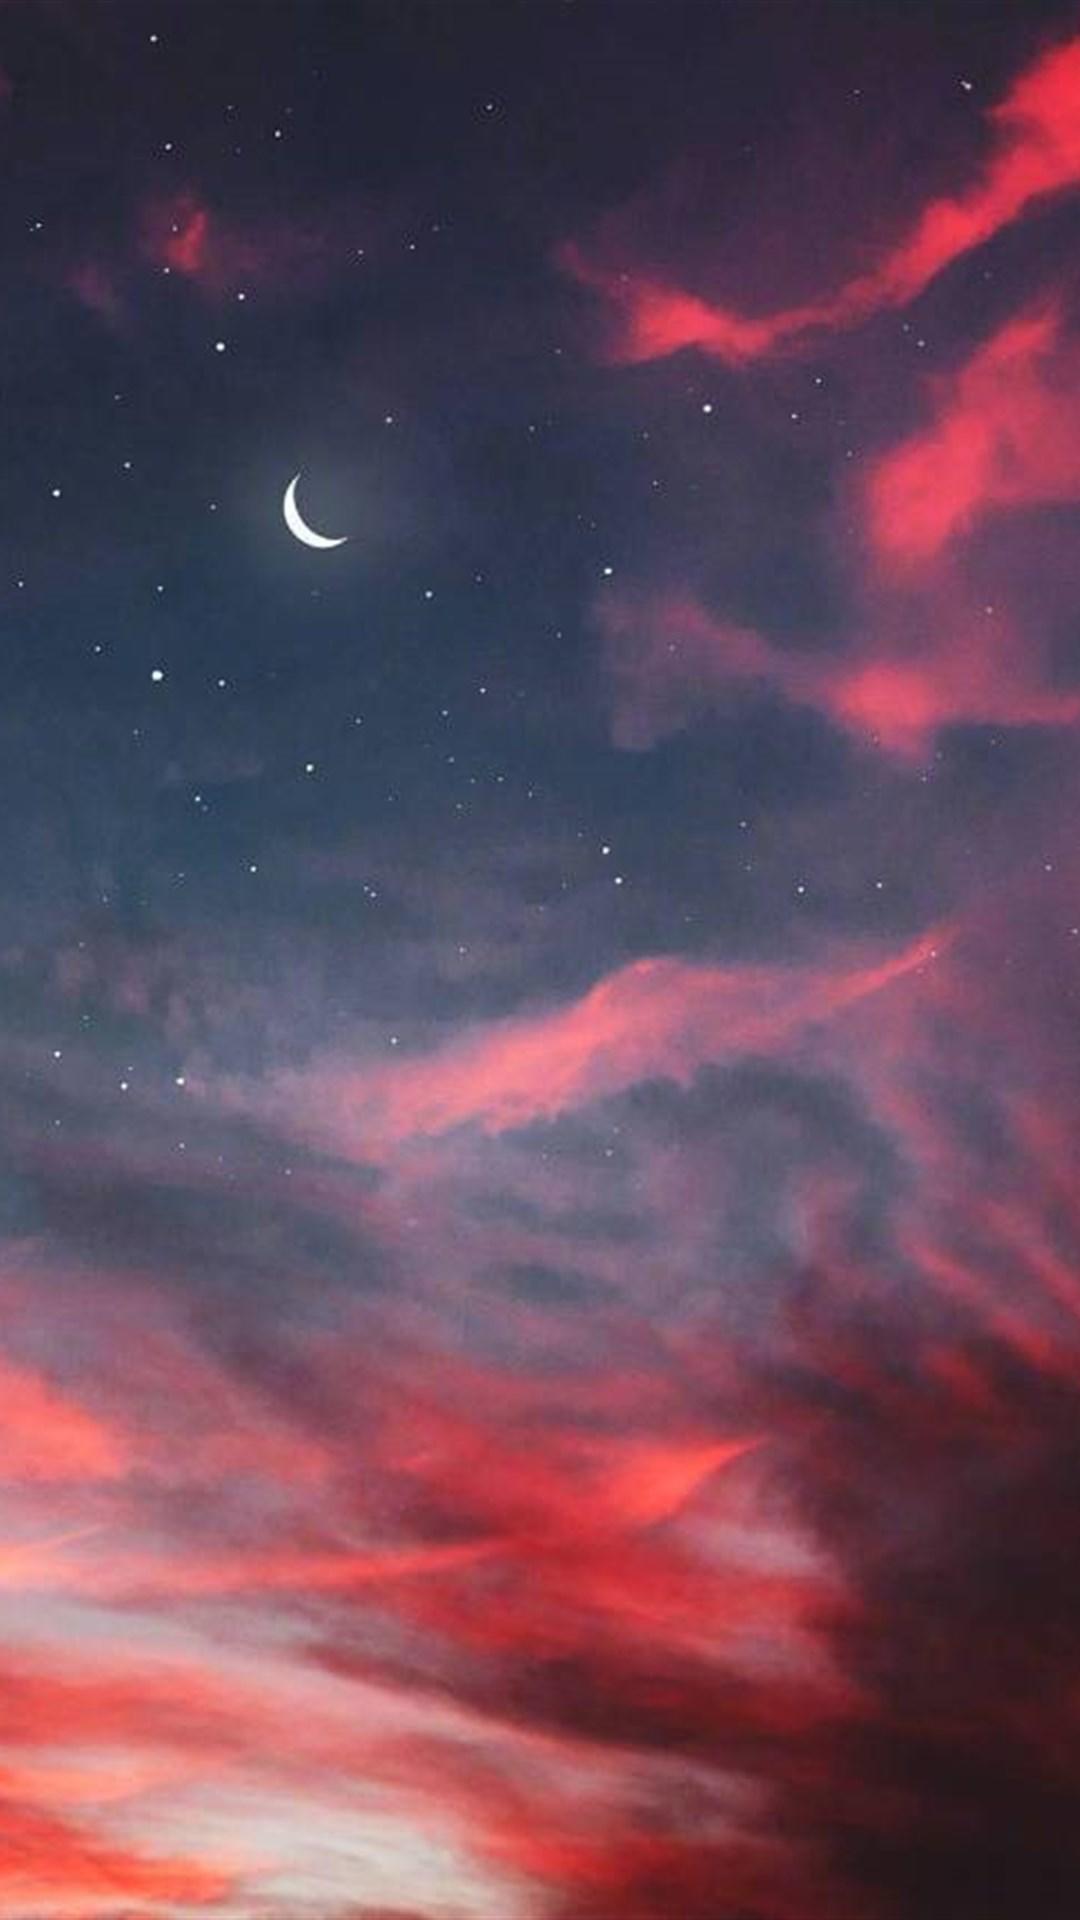 手机桌面壁纸高清_有哪些好看的关于星星月亮的壁纸? - 知乎